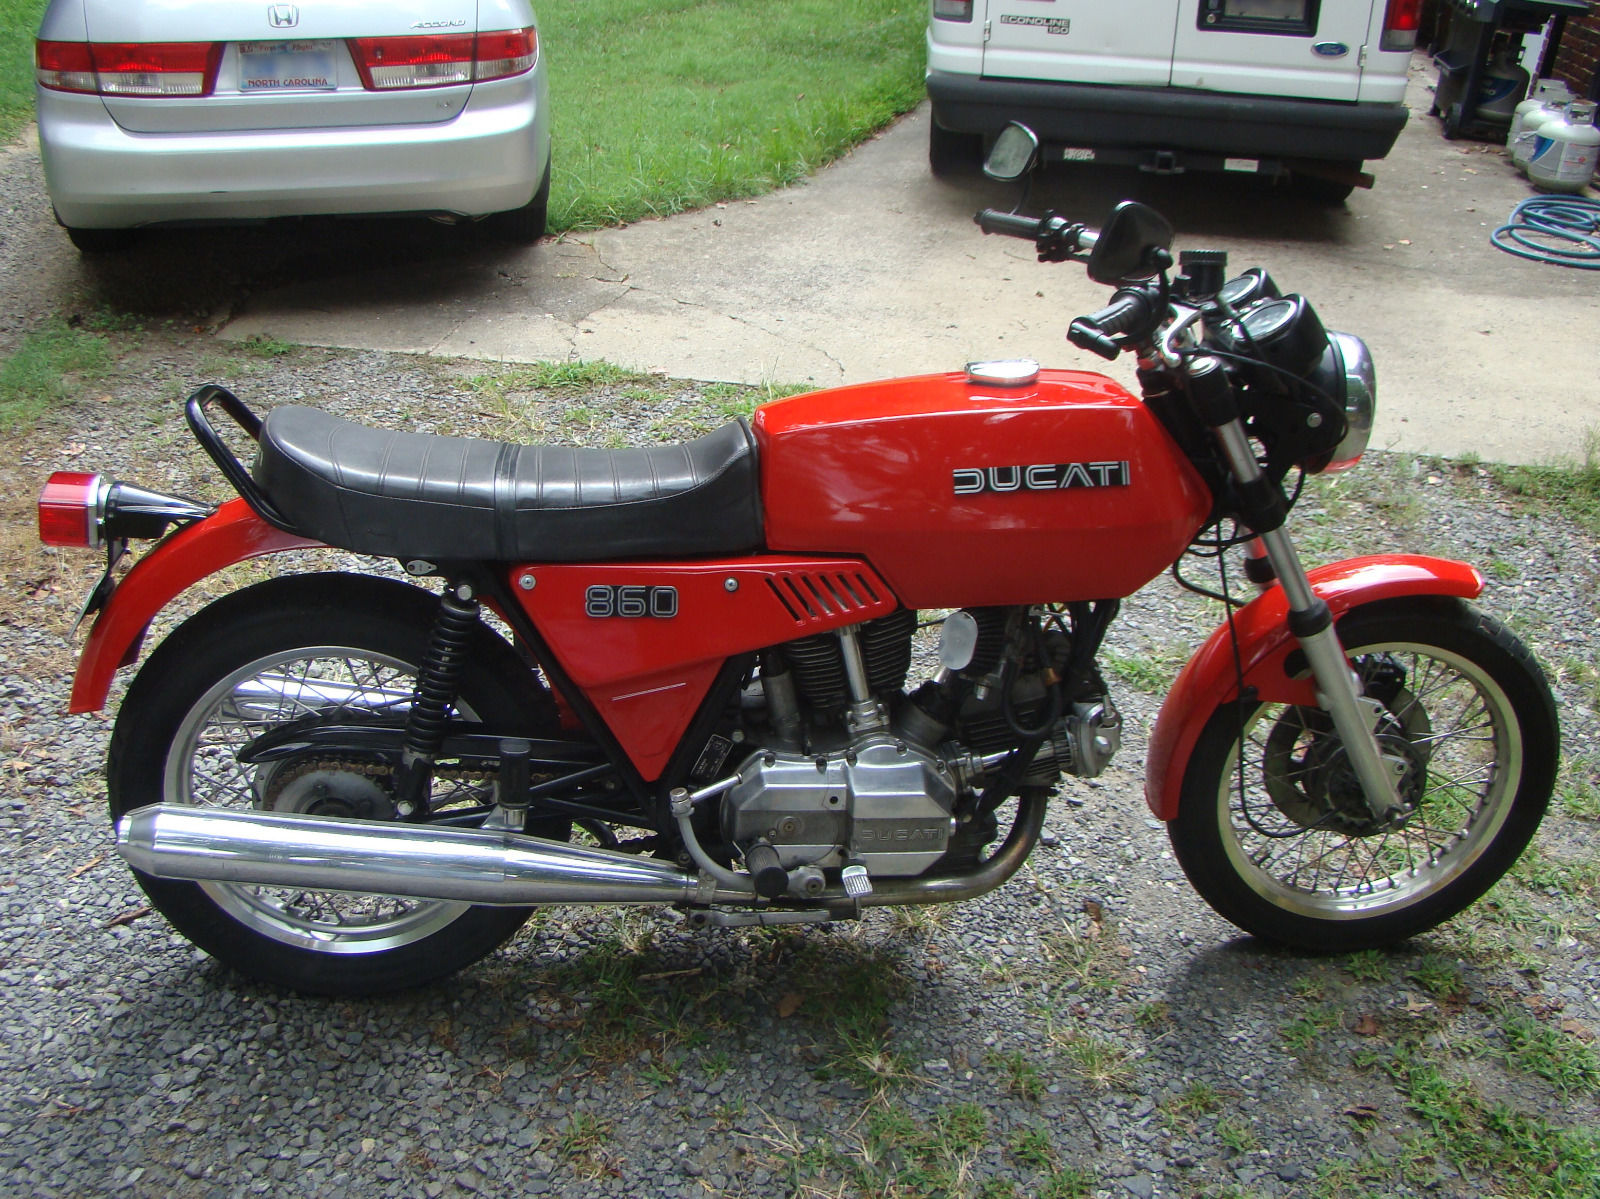 Ducati 860GT - 1975 .